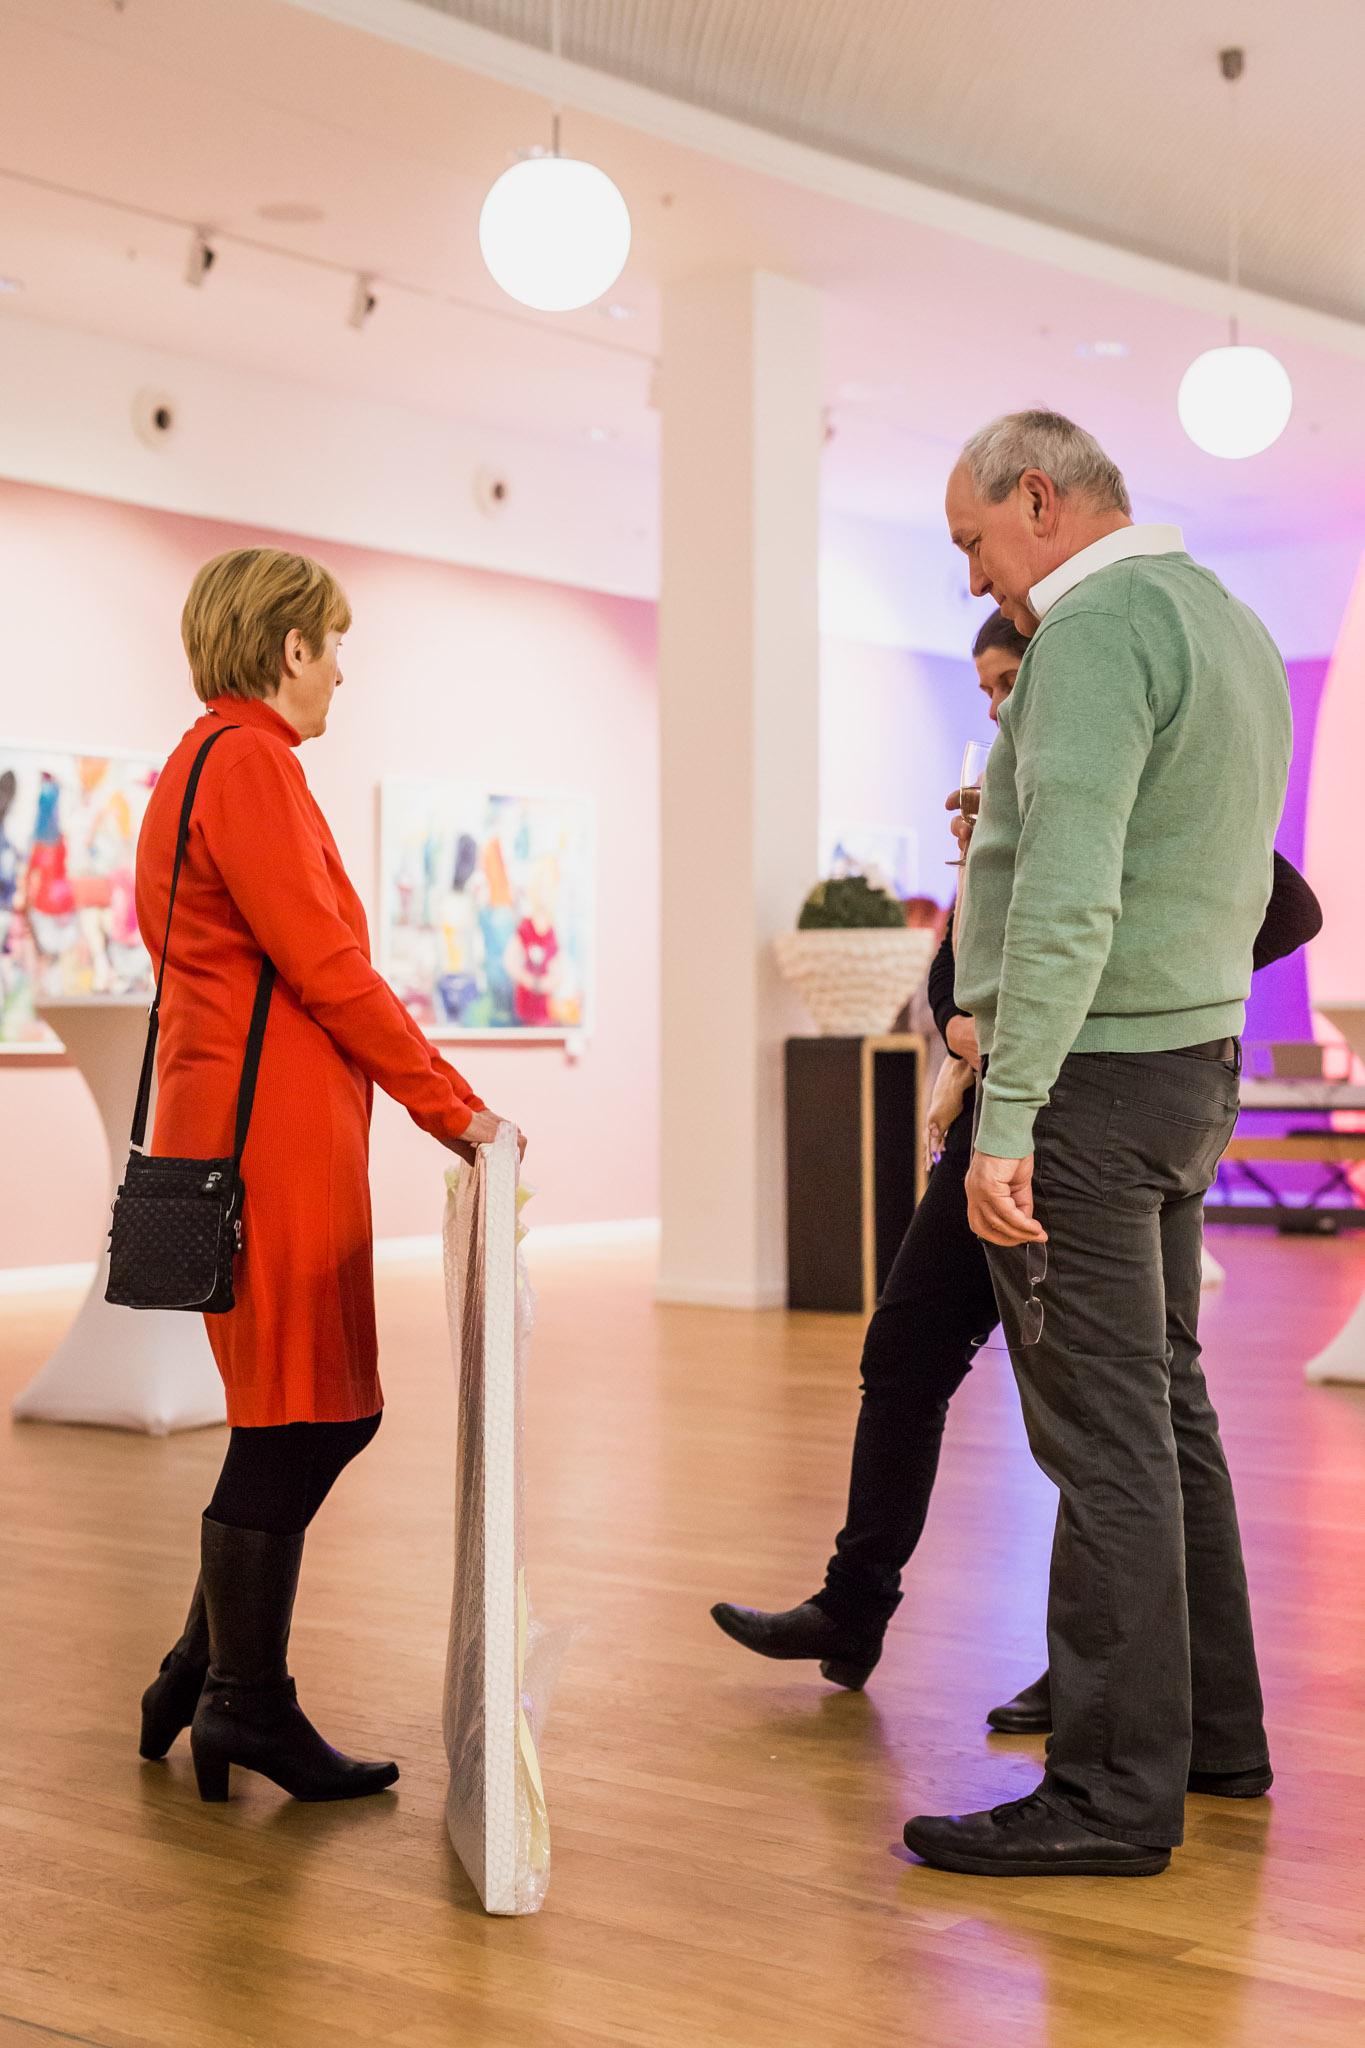 Vernissage von Künstlerin Simone Hennig am 22.02.2018 in Ludwigsfelde